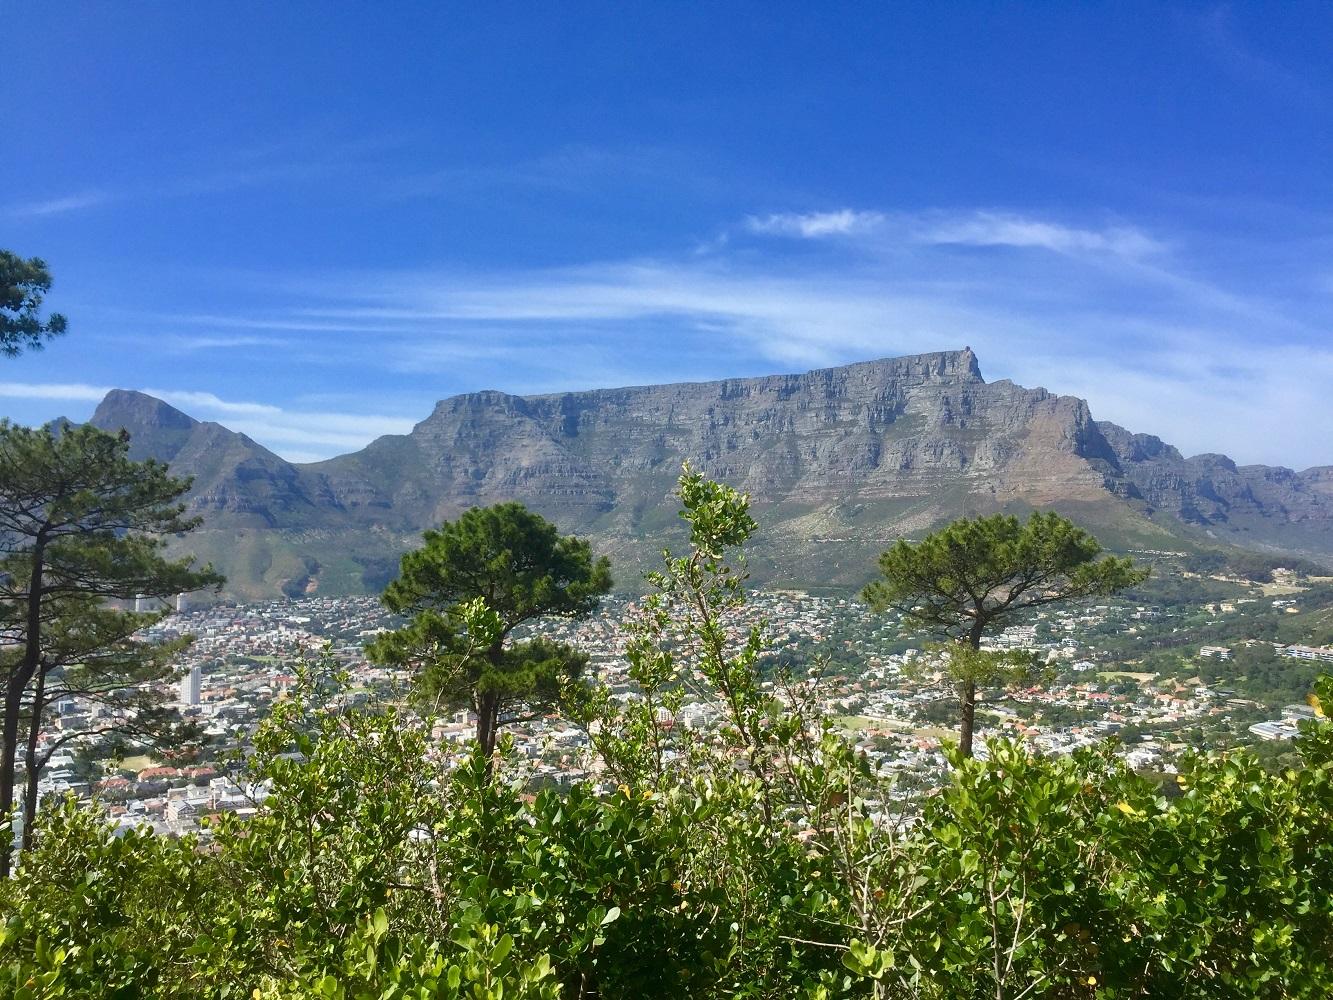 Mein Schiff Ausflug: Ausblick vom Singal Hill auf den Tafelberg